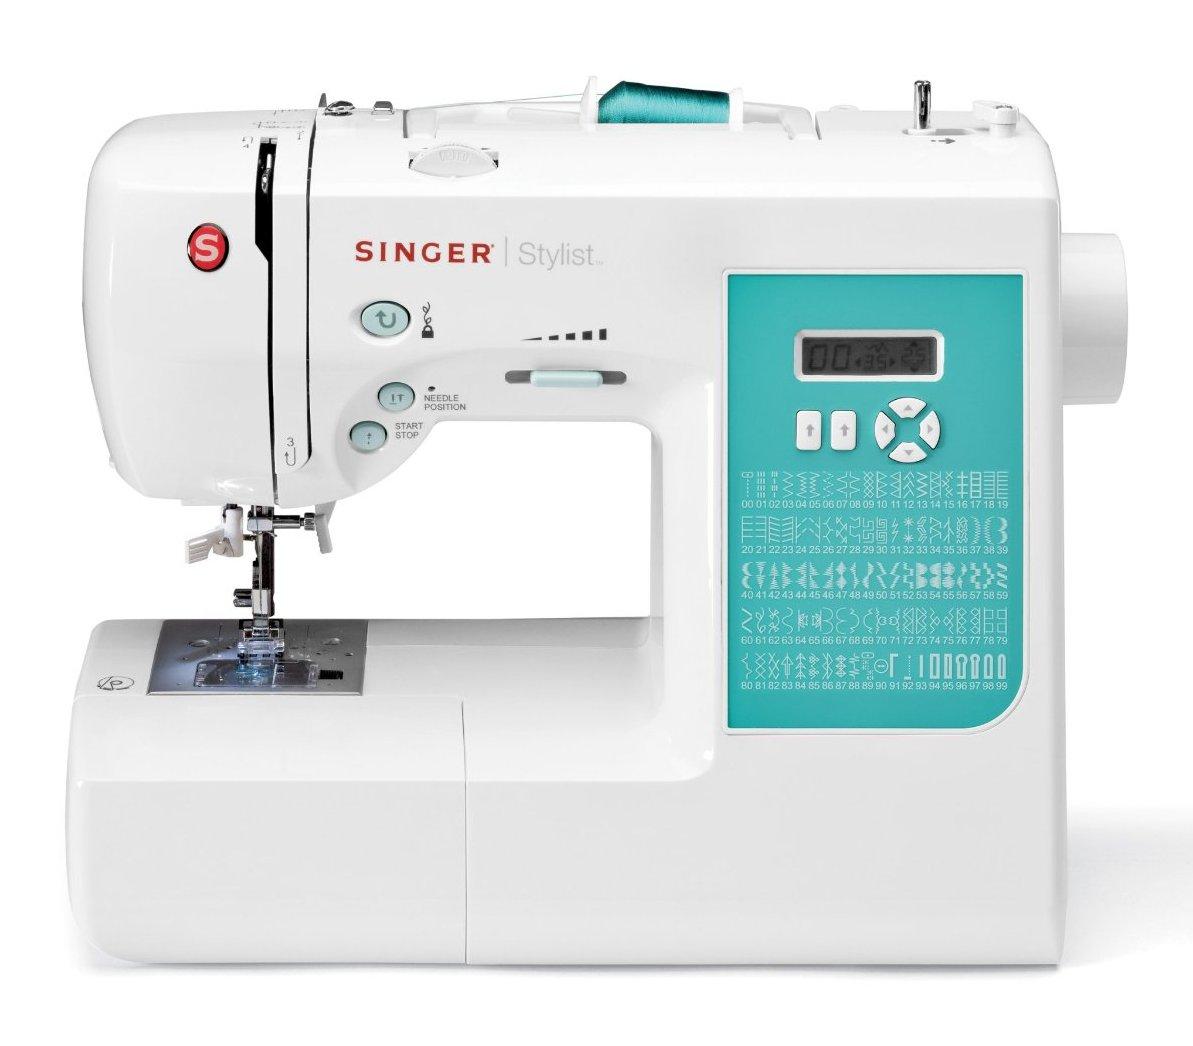 1 singer sewing machine